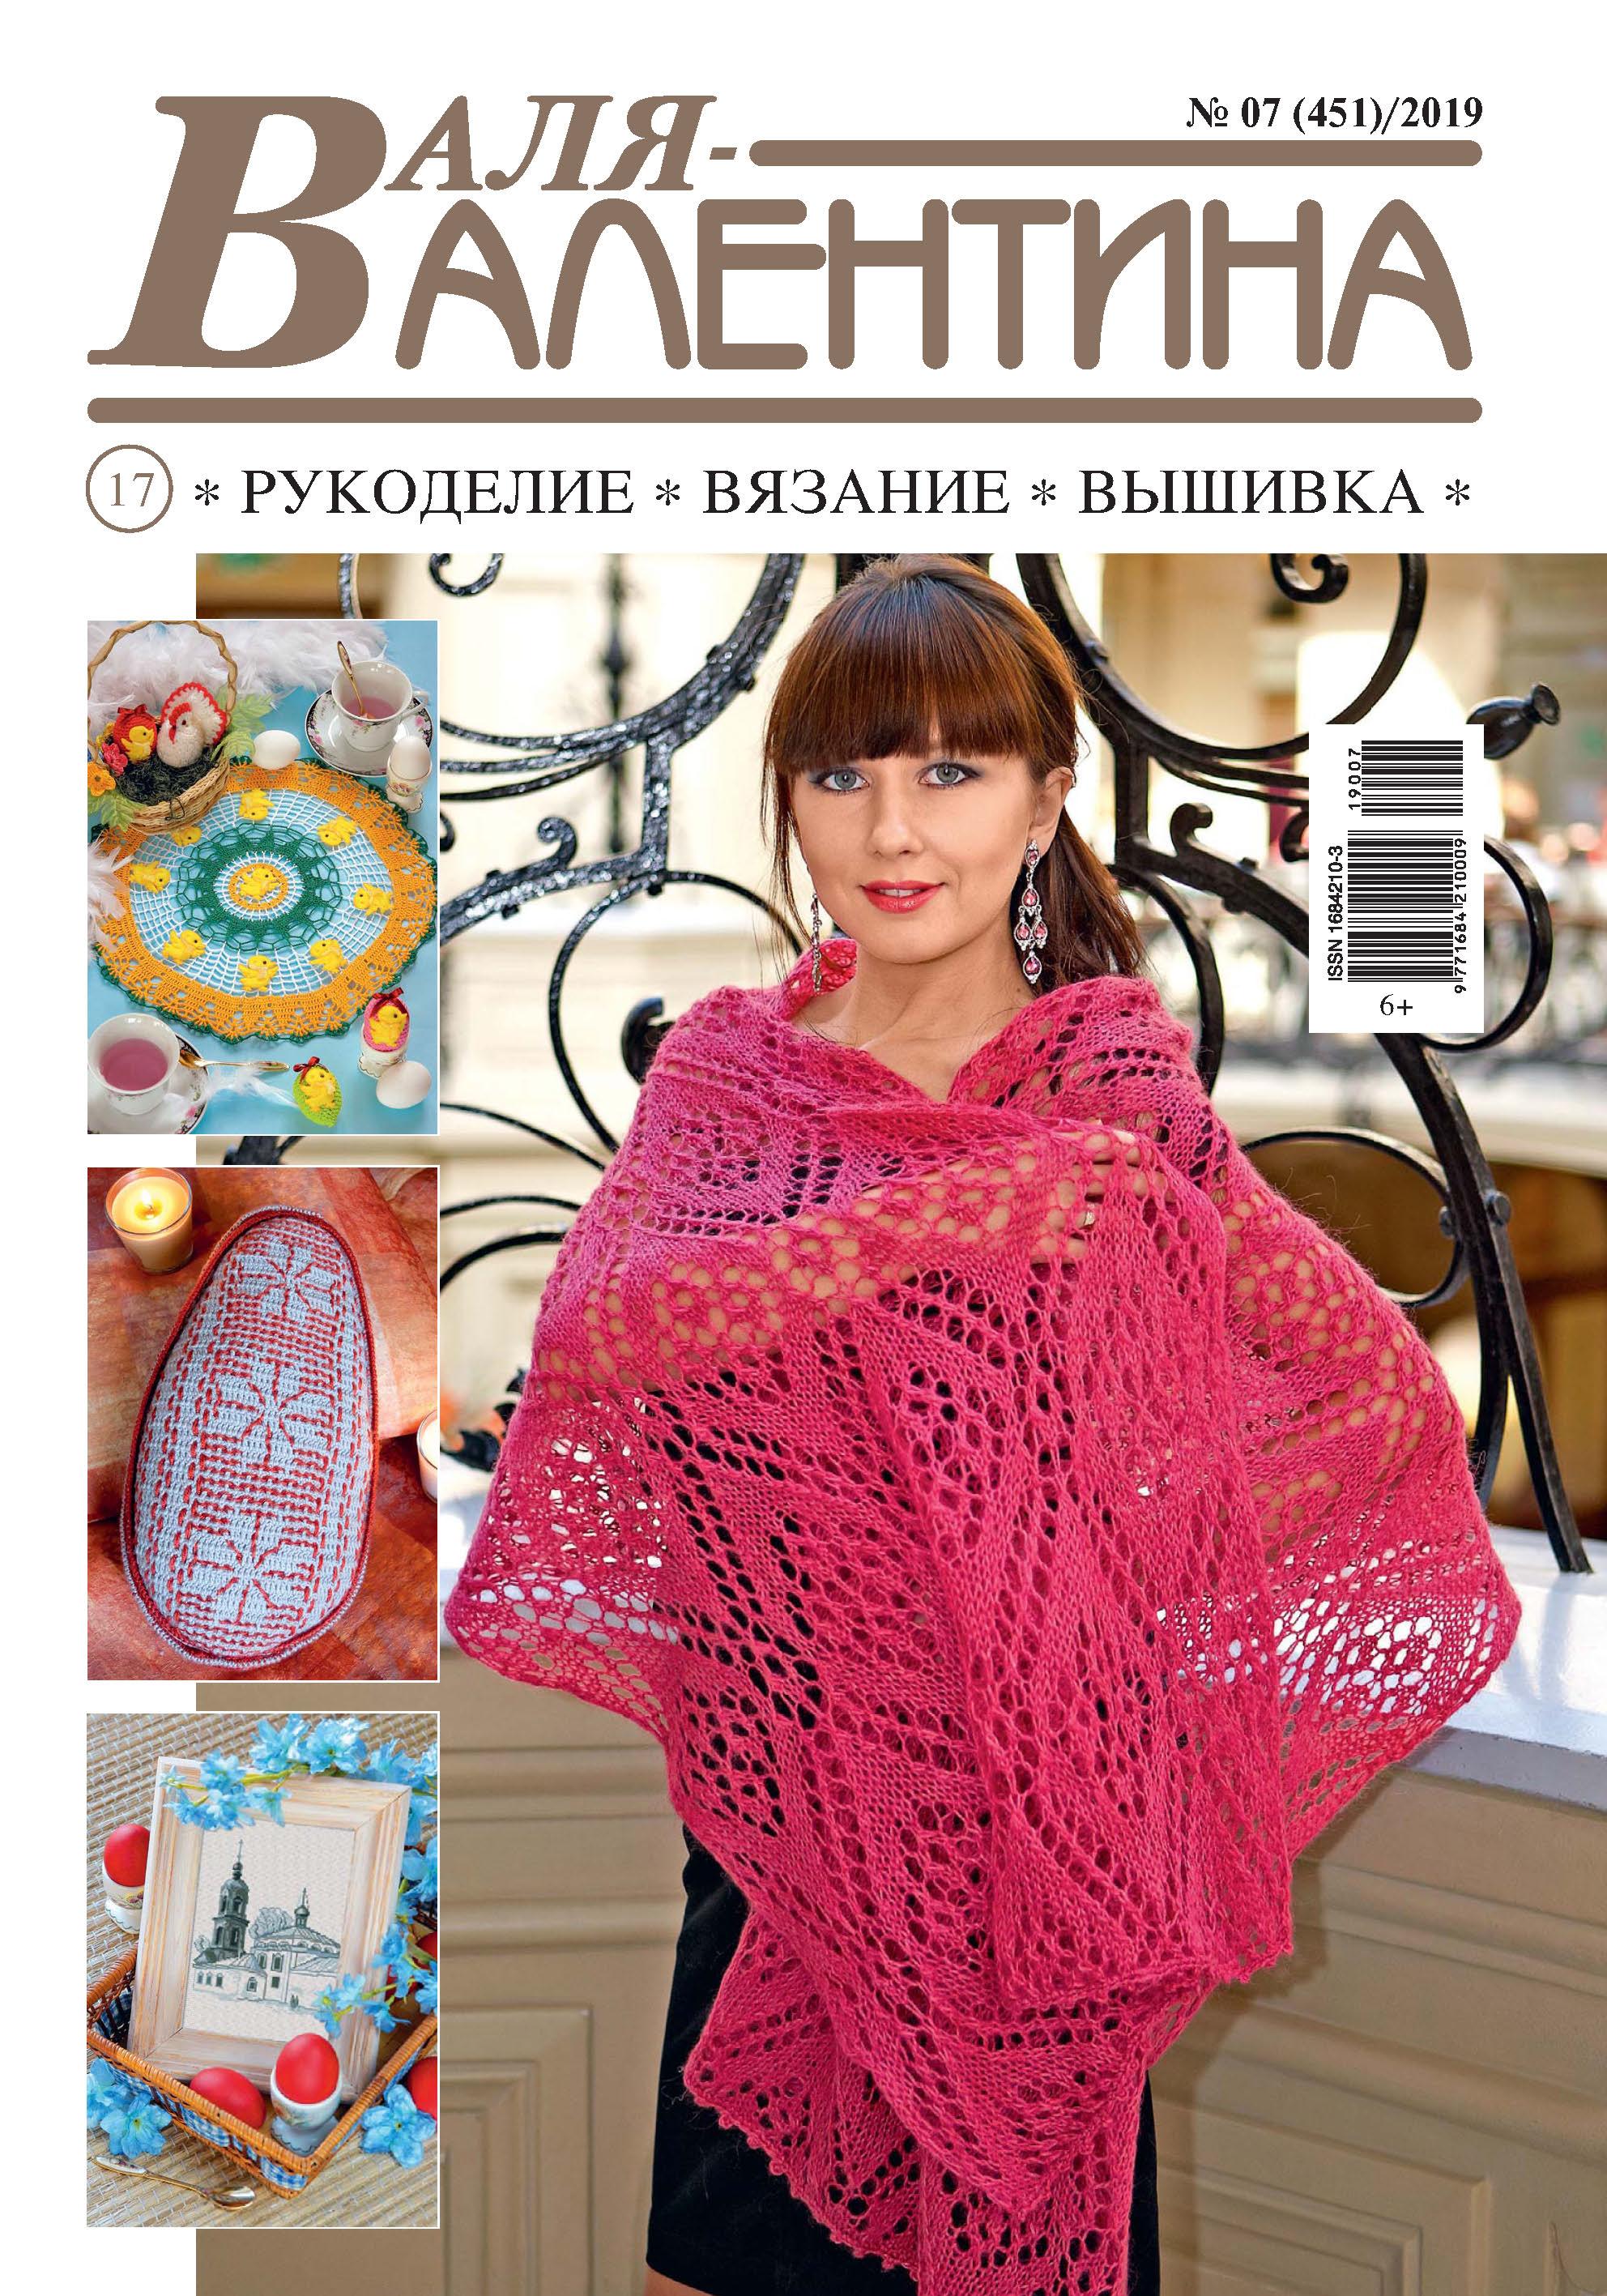 Валя-Валентина. Рукоделие, вязание, вышивка. №07/2019